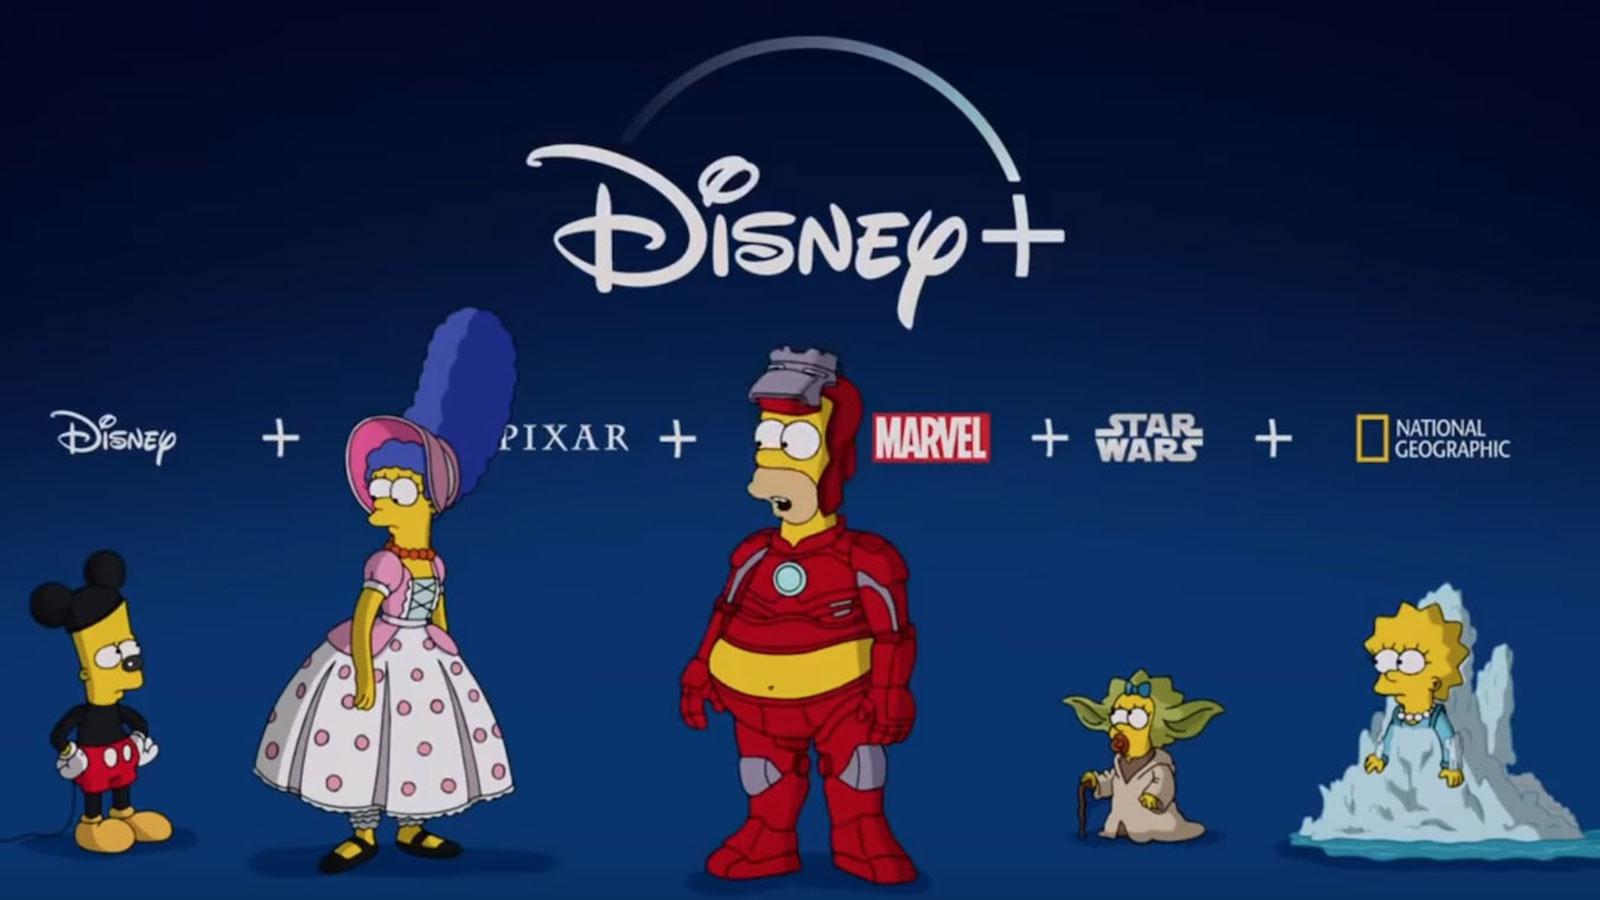 Pour le lancement de Disney+ plsuieurs influenceurs dont Cyprien ont été dessinés façon Simpsons